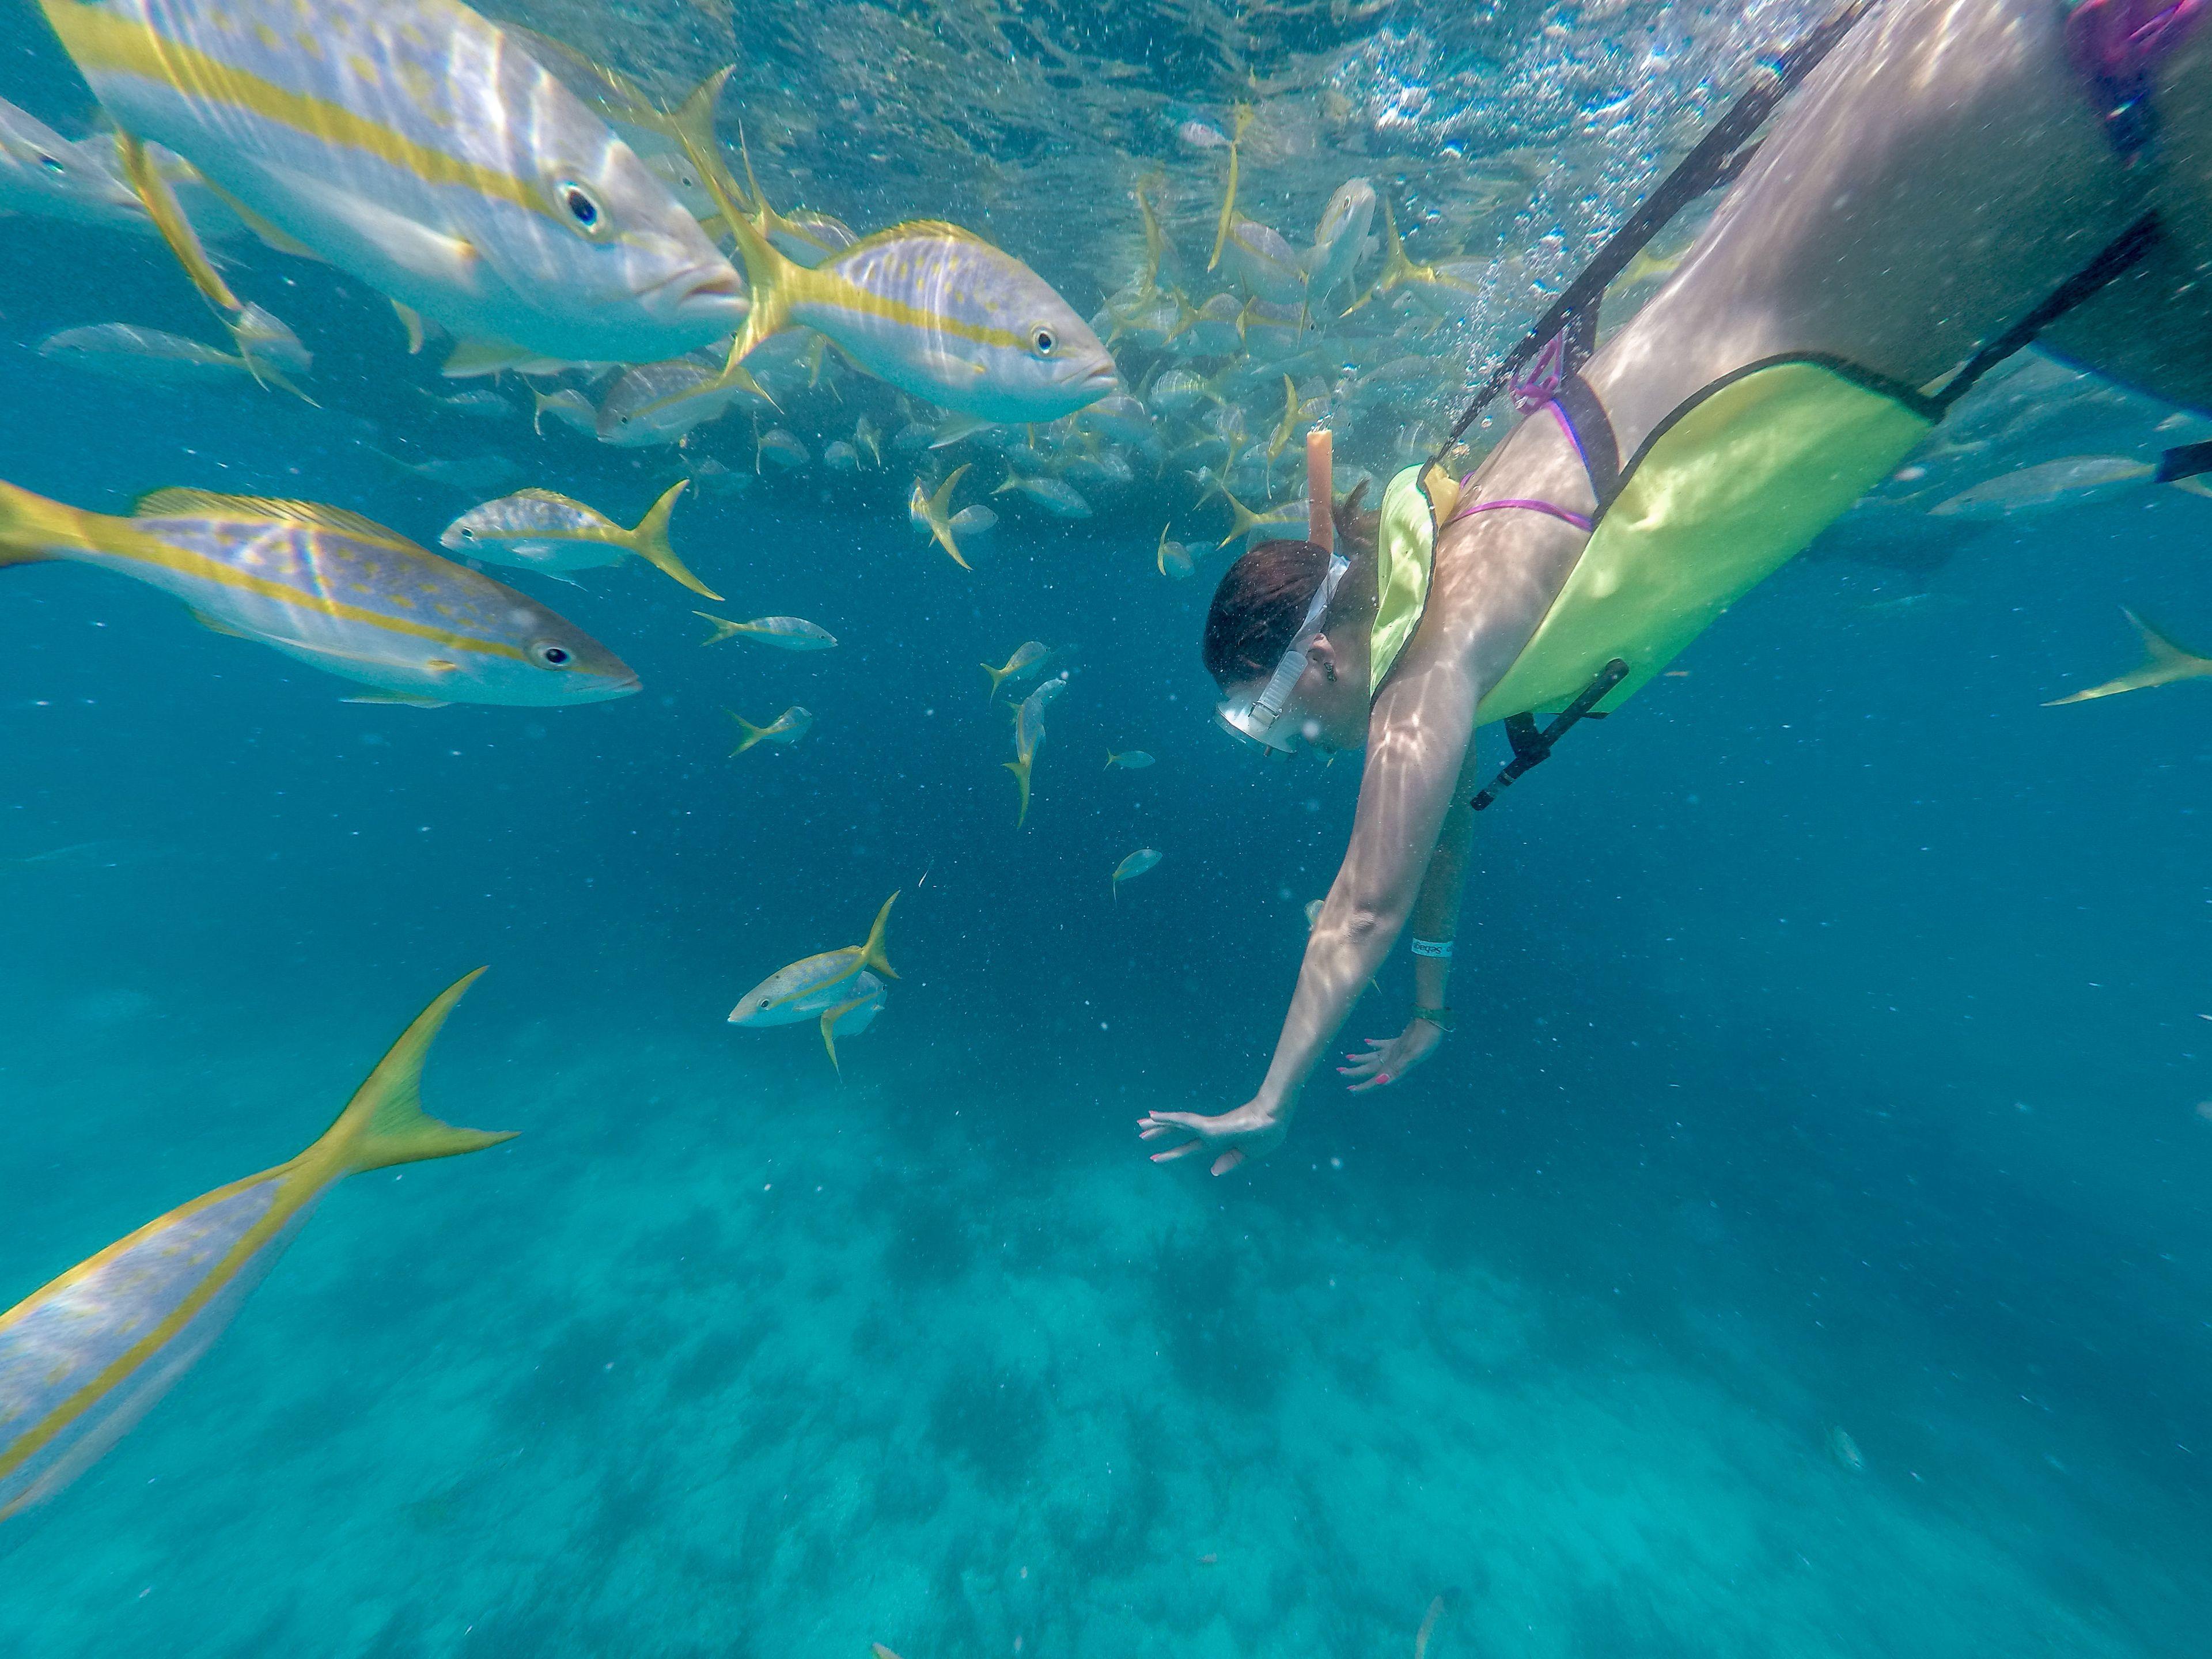 Afternoon Key West Reef Snorkel & Catamaran Sail